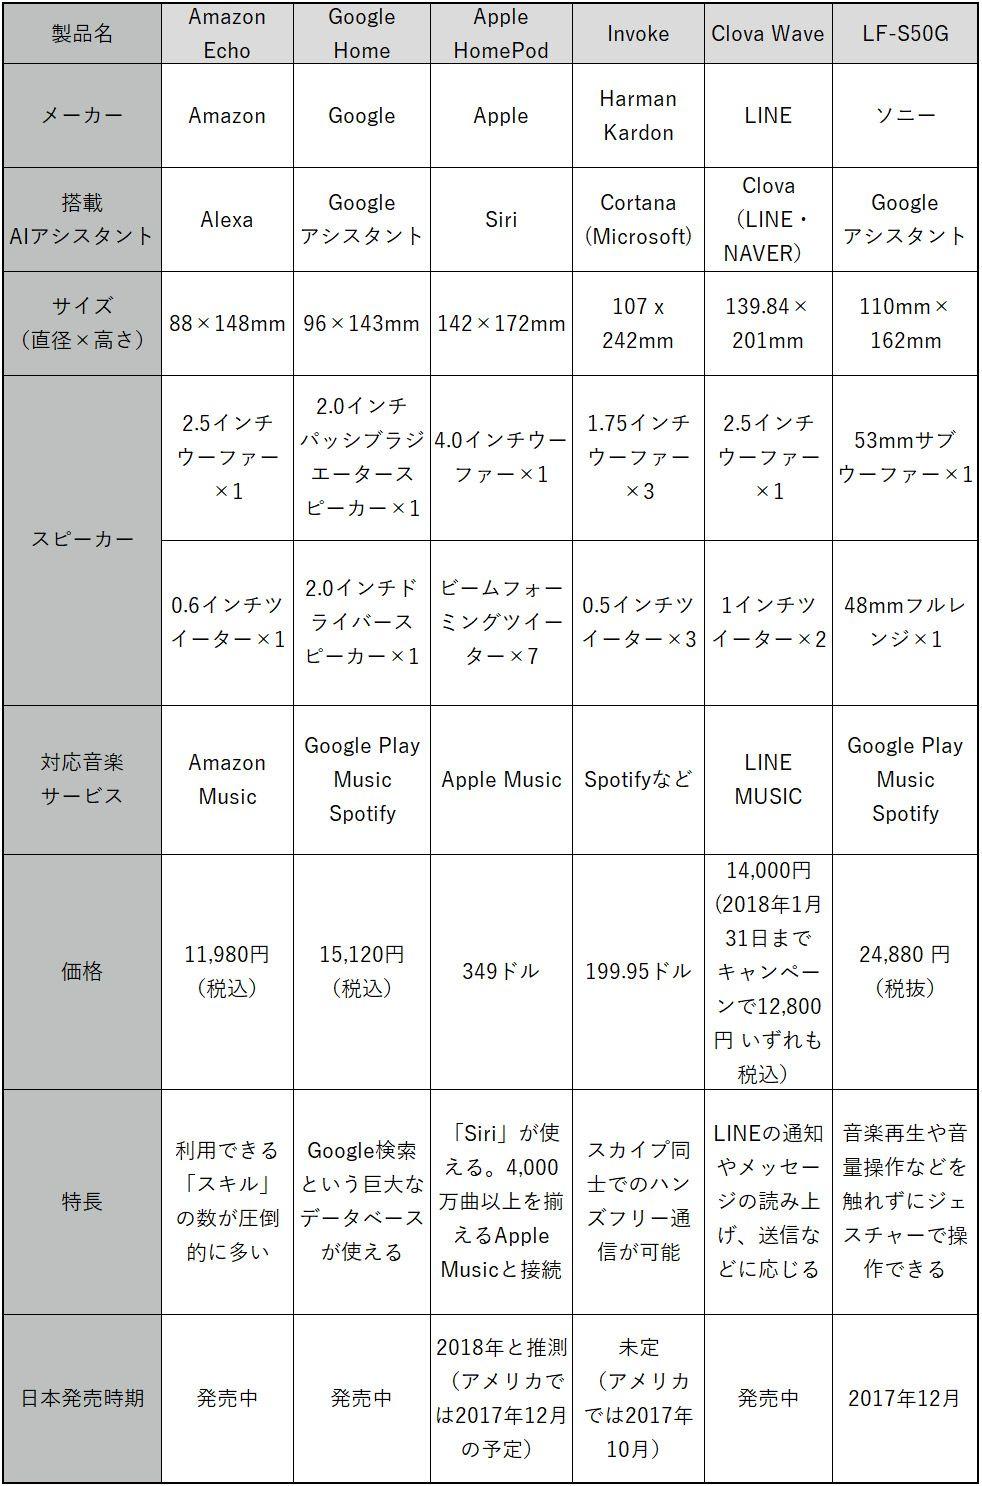 主なスマートスピーカーを項目別に整理した表